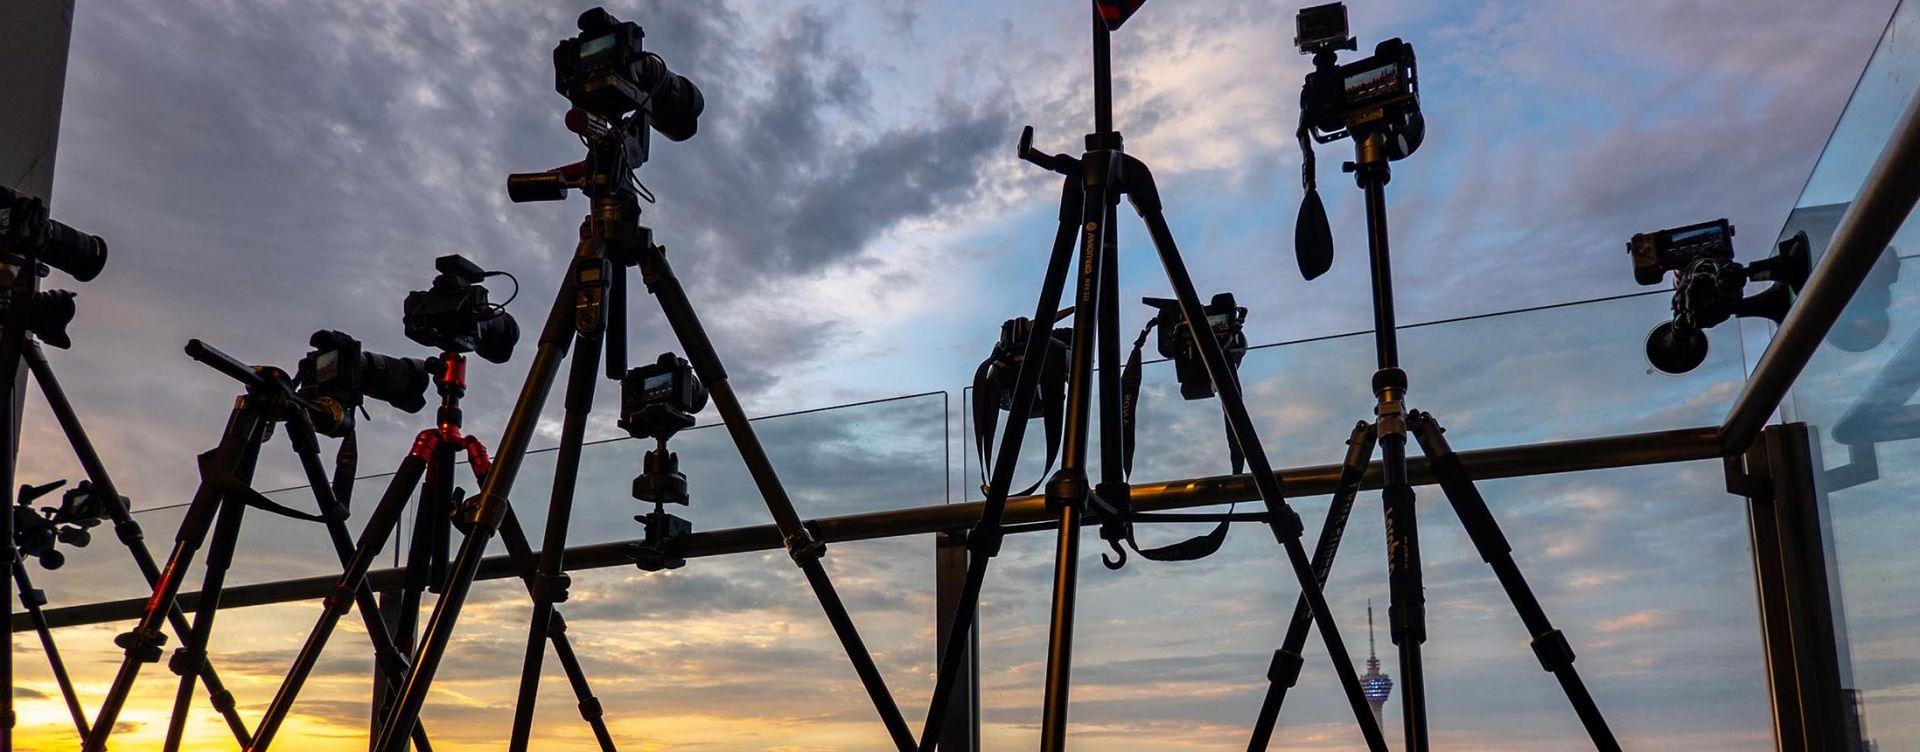 Contrate a un especialista en Time-lapse